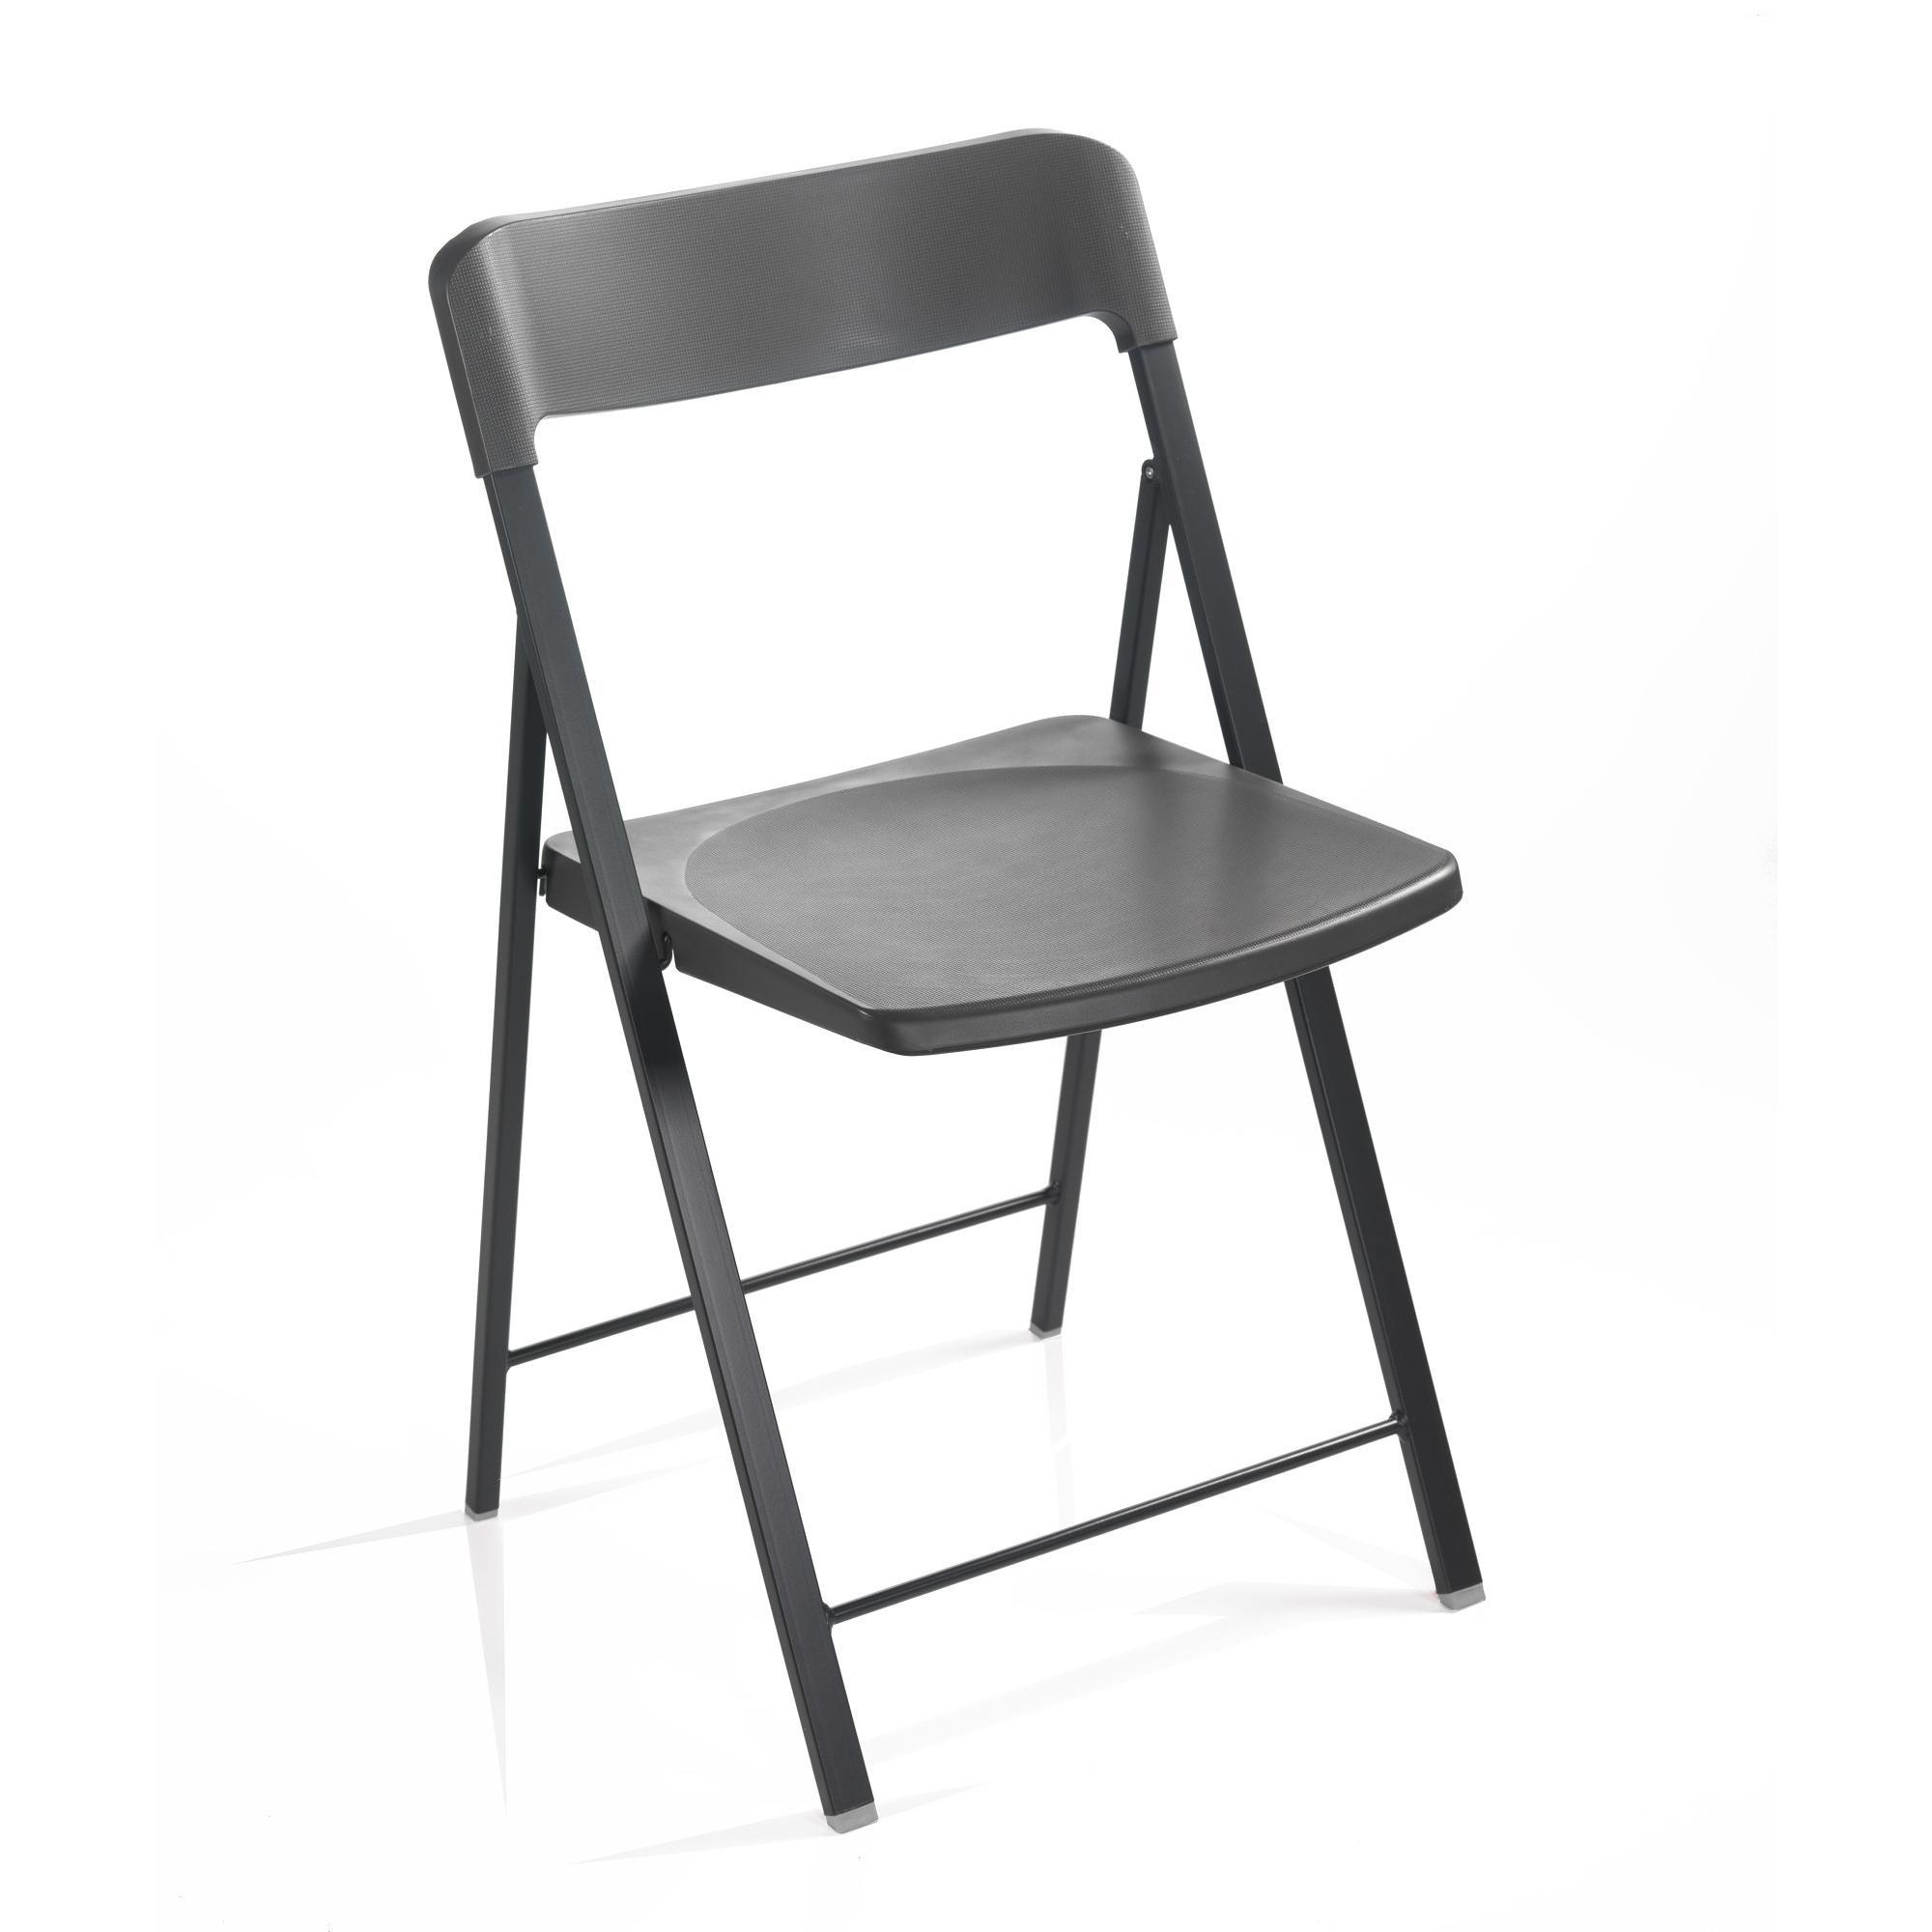 Sedia pieghevole richiudibile ZETA con struttura Alluminio seduta e schienale in plastica Grafite | Pezzani srl